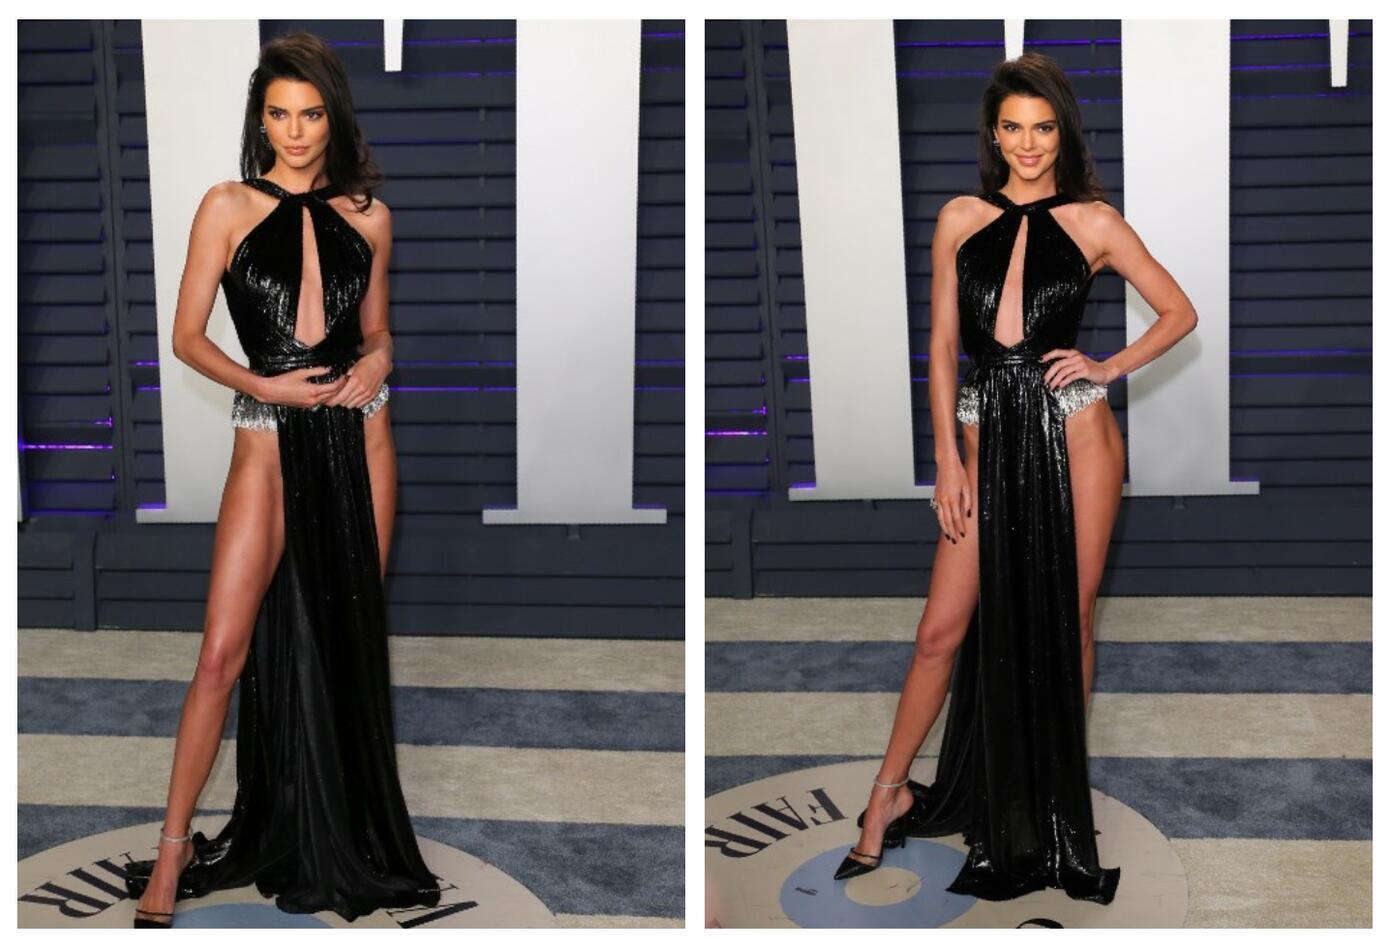 Así lució Kendall Jenner en los Premios Óscar 2019.